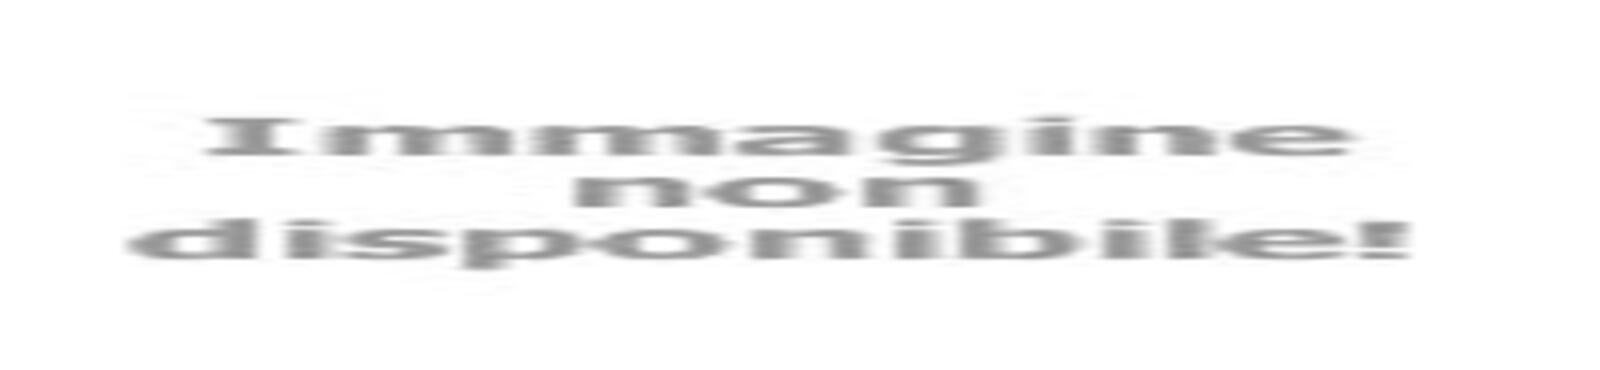 petronianaviaggi it con-la-e-bike-alla-scoperta-di-eremi-e-vedute-della-collina-bolognese-v294 002